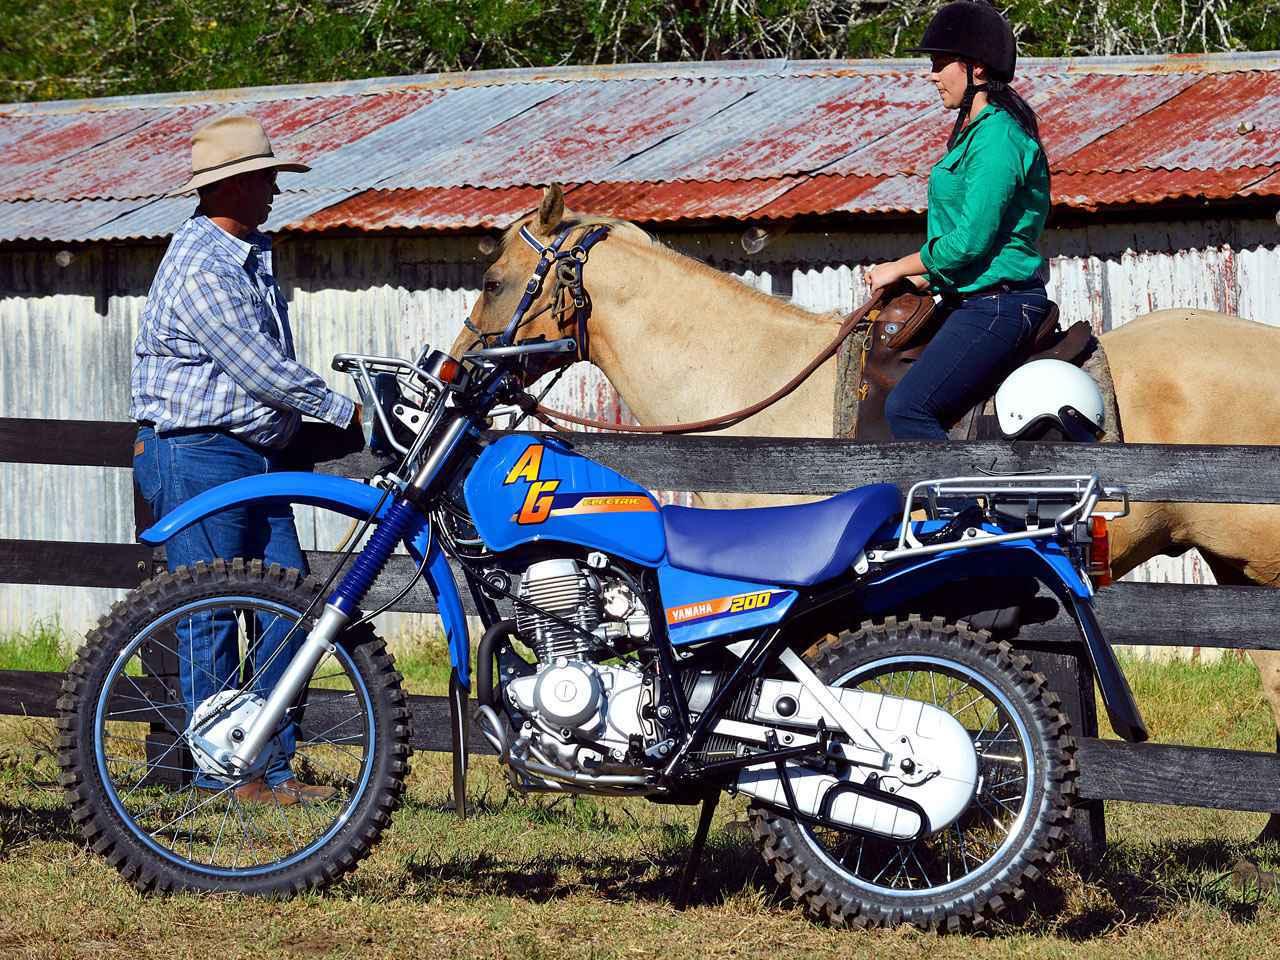 画像: 懐かしのヤマハ「AG200」は世界各地でいまだ現役! じつは最高の旅バイクなのでは? - webオートバイ